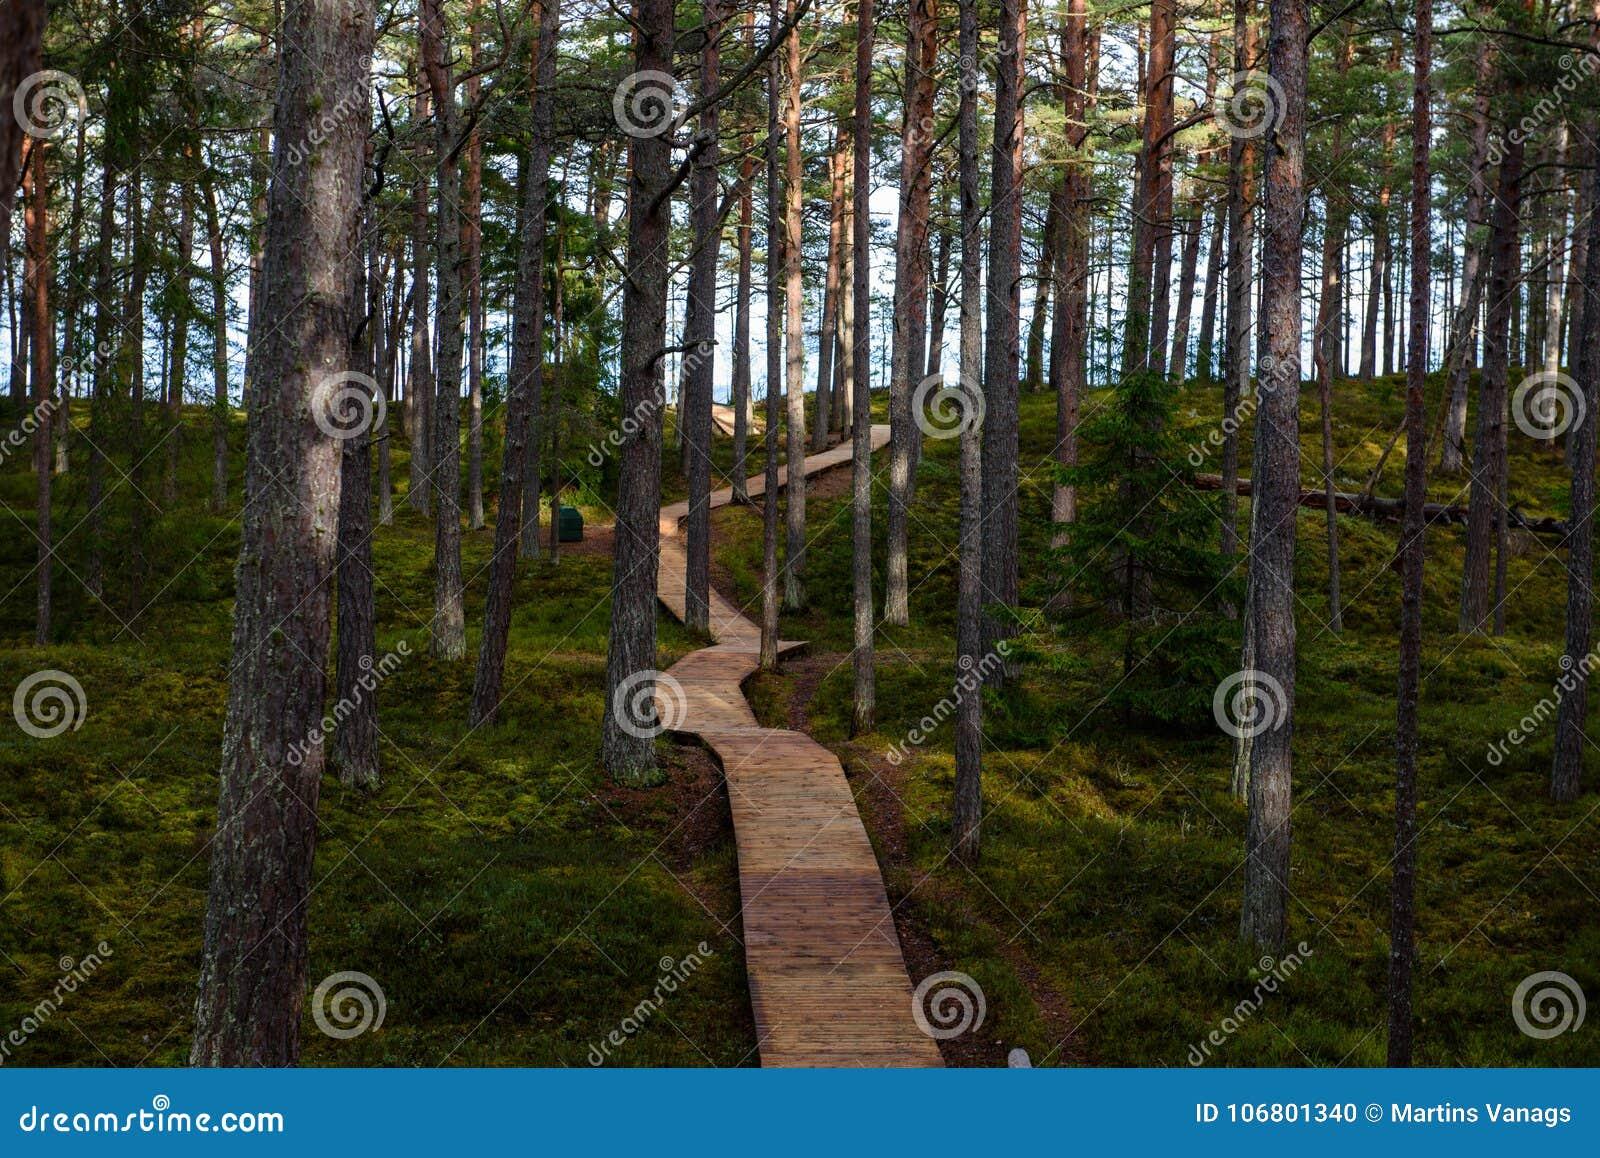 Download Alte Hölzerne Promenade Bedeckt Mit Blättern Im Alten Wald Stockfoto - Bild von landschaft, horizont: 106801340